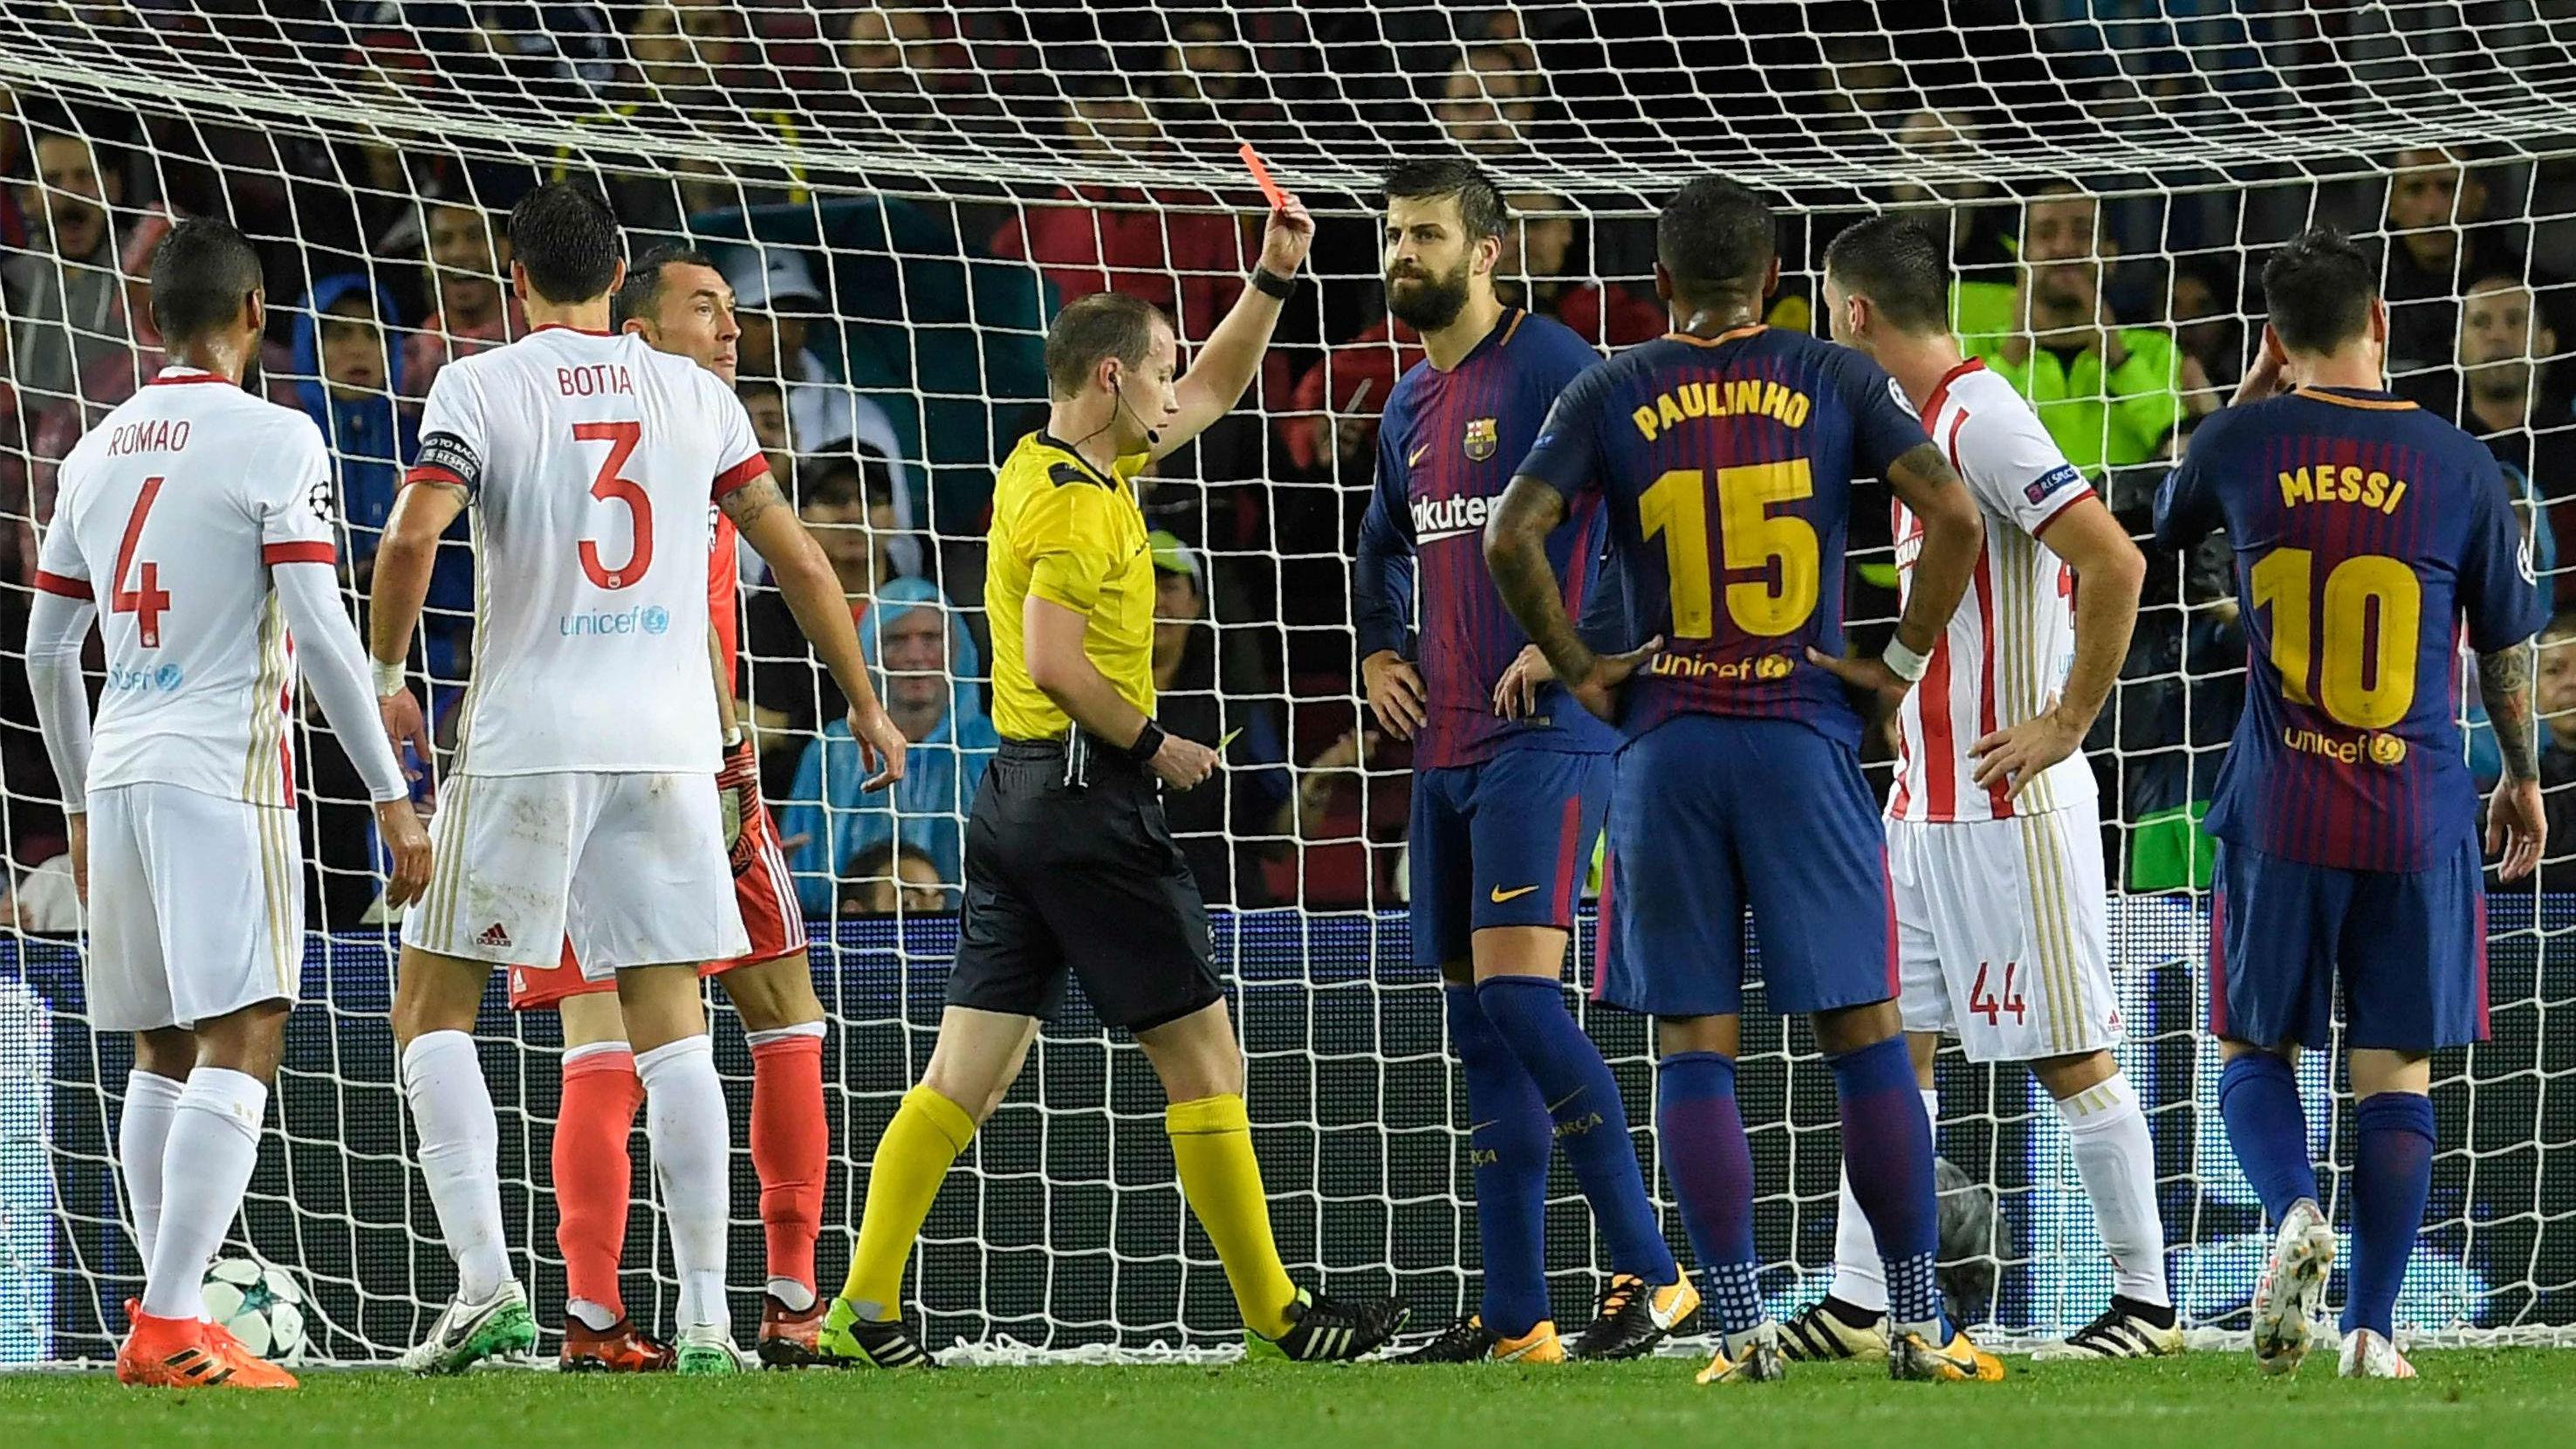 LACHAMPIONS | FC Barcelona - Olympiacos (3-1): La expulsión de Piqué